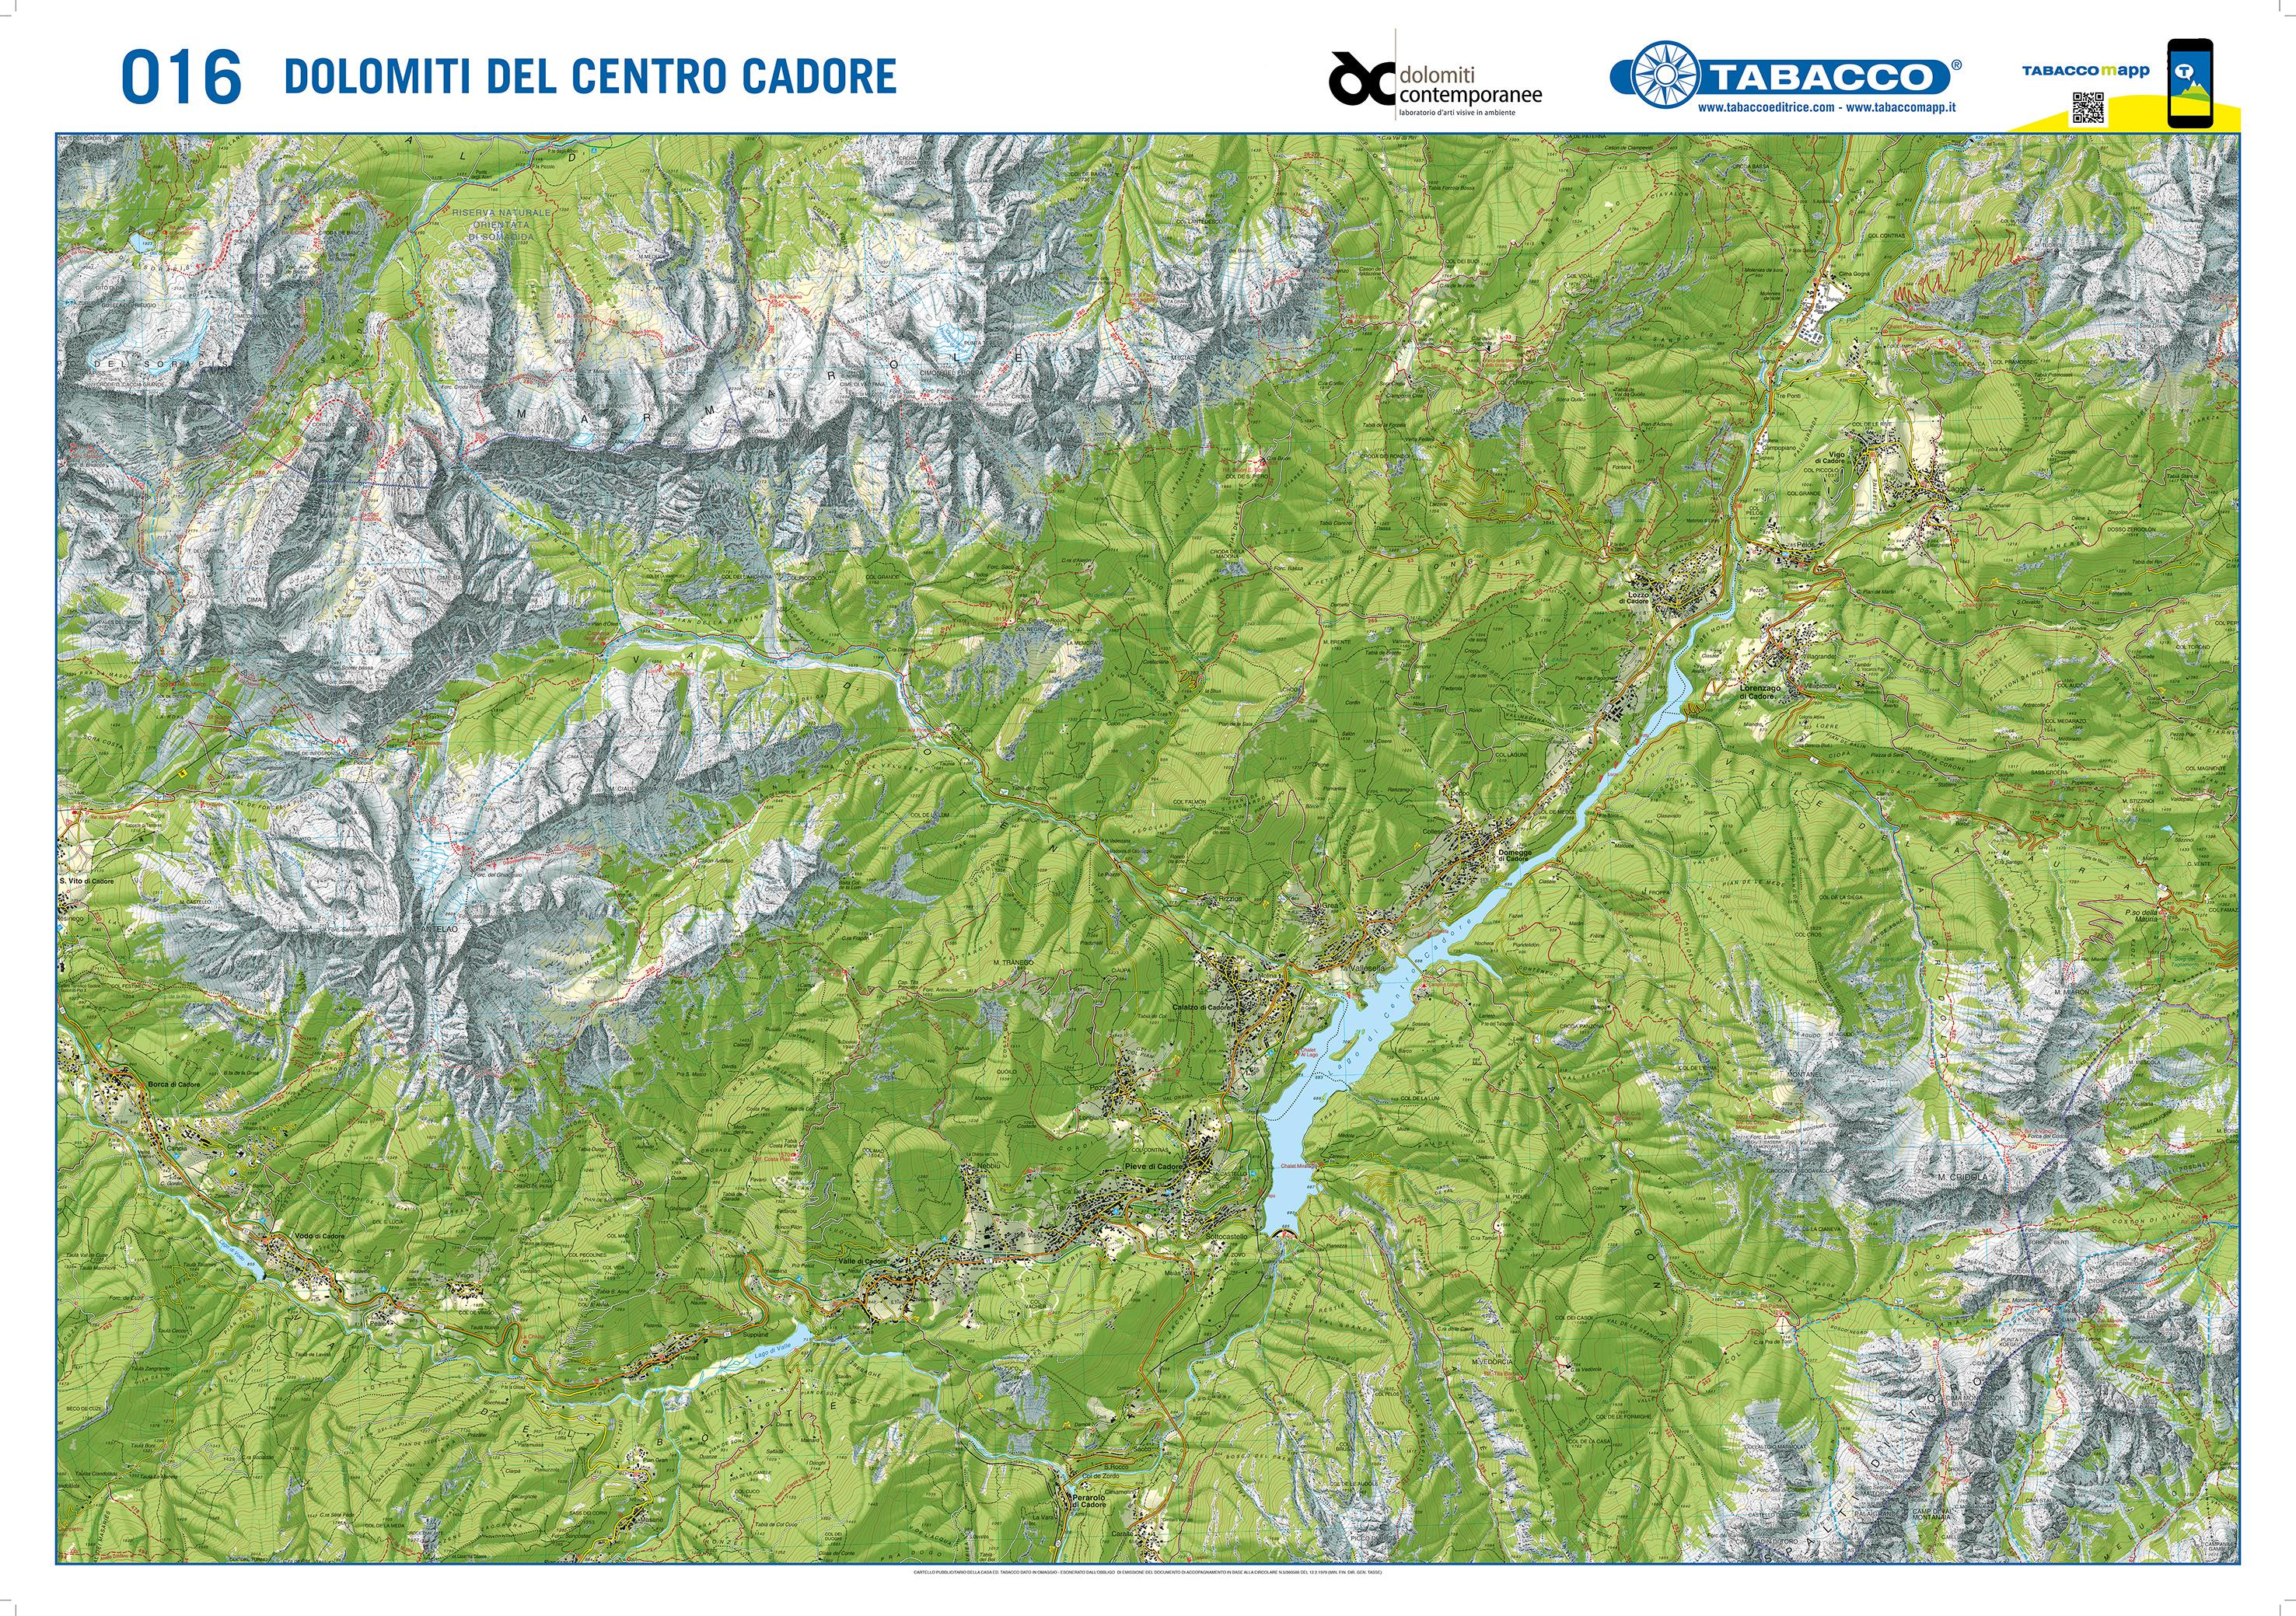 Cartina Tabacco 019.Tabacco Le Mappe Del Territorio Dolomitico Contemporaneo Dolomiti Contemporanee